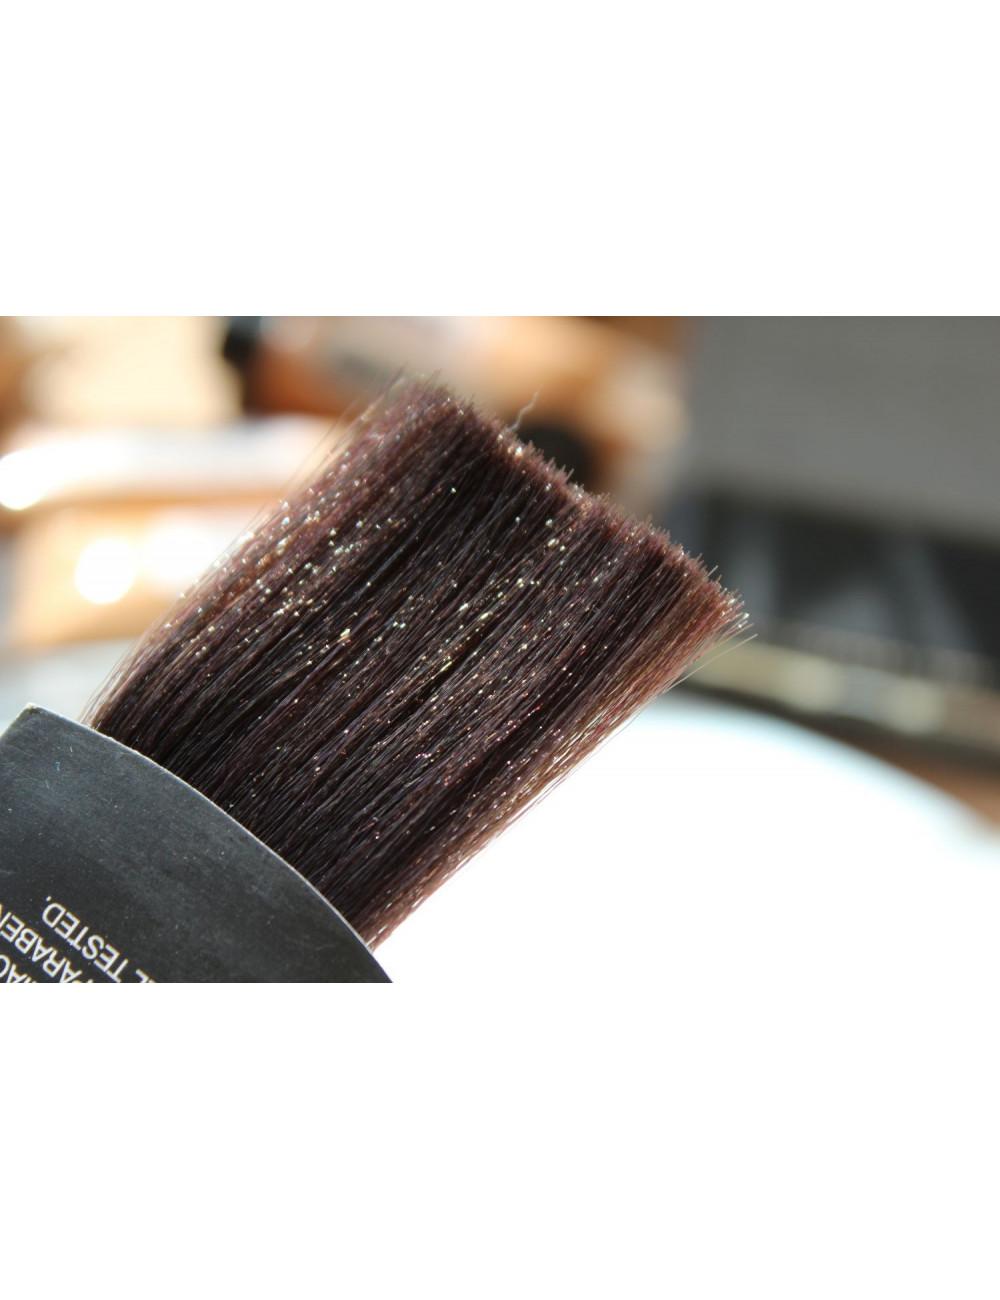 Čistilna pena za obraz in oči  Normalna / mešana koža Idun Minerals